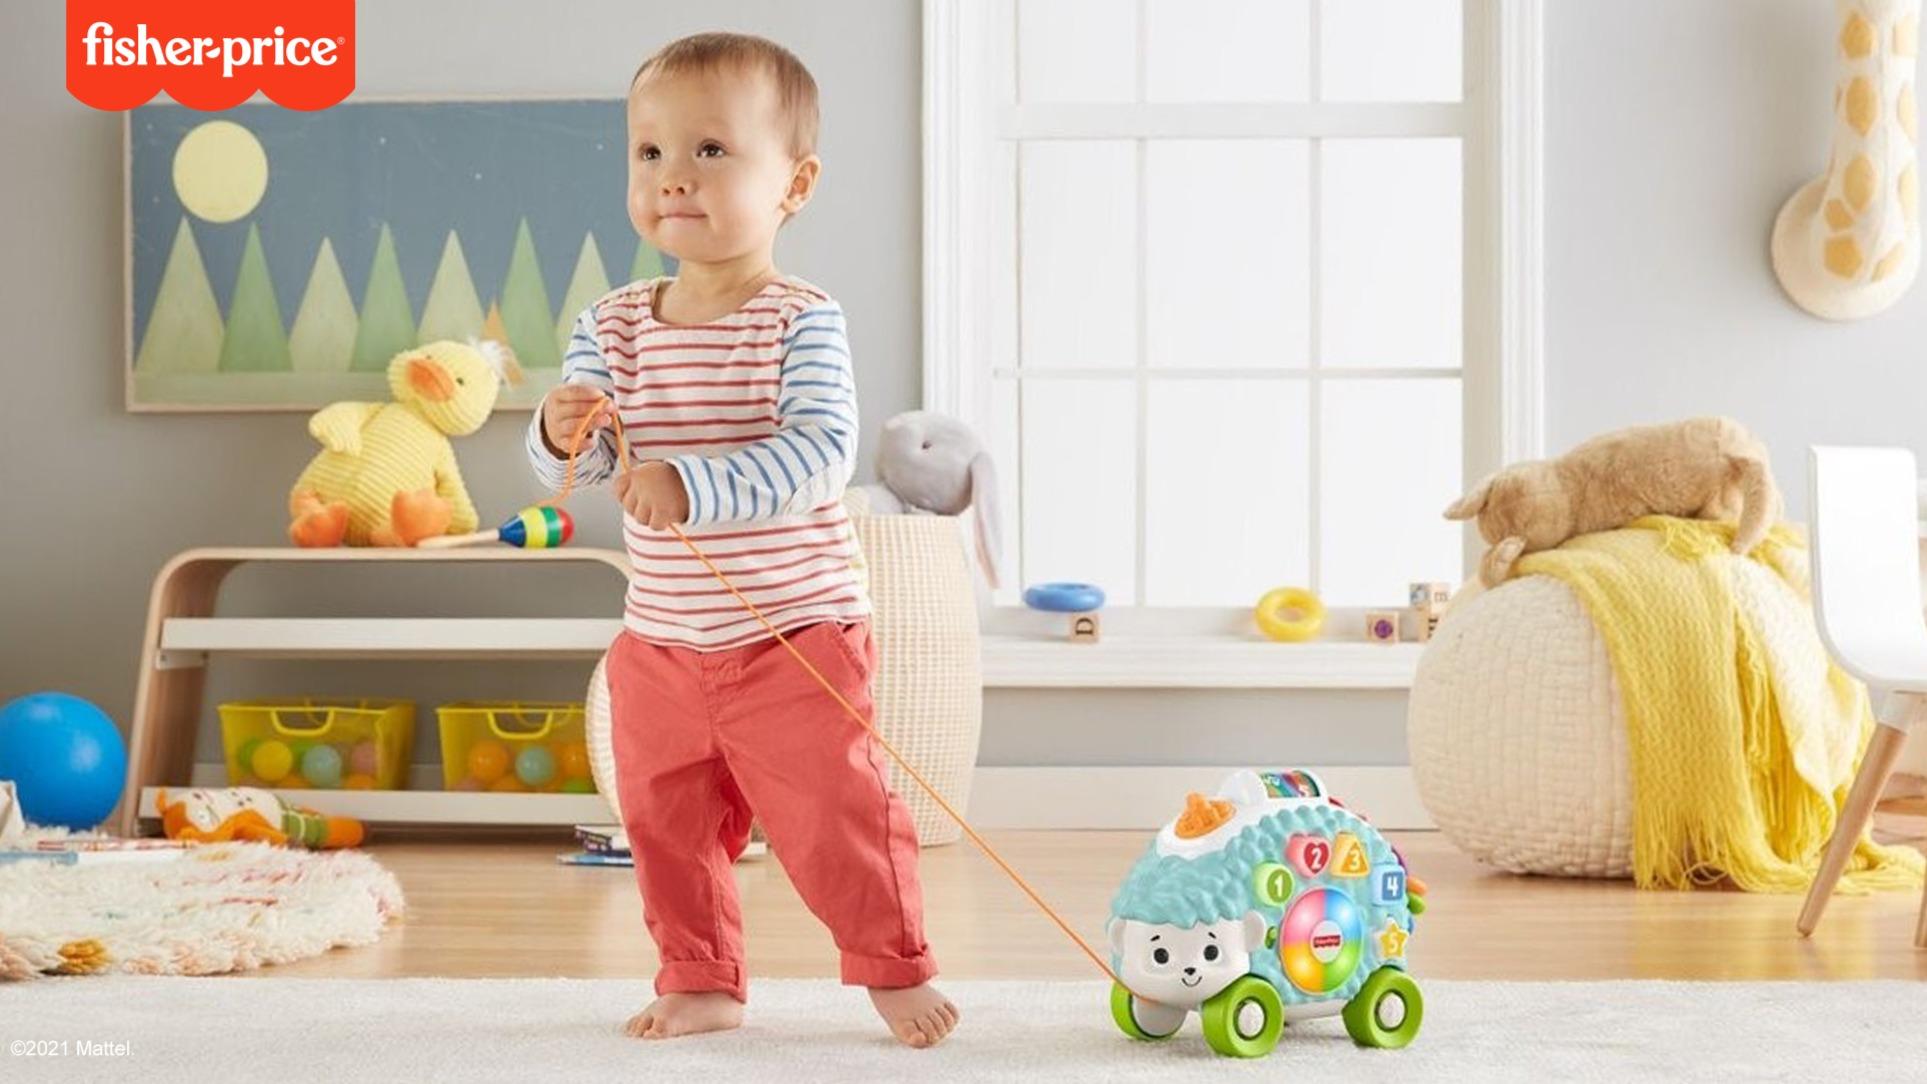 Три лайфхака, которые помогут сэкономить на детских игрушках, но не на качестве